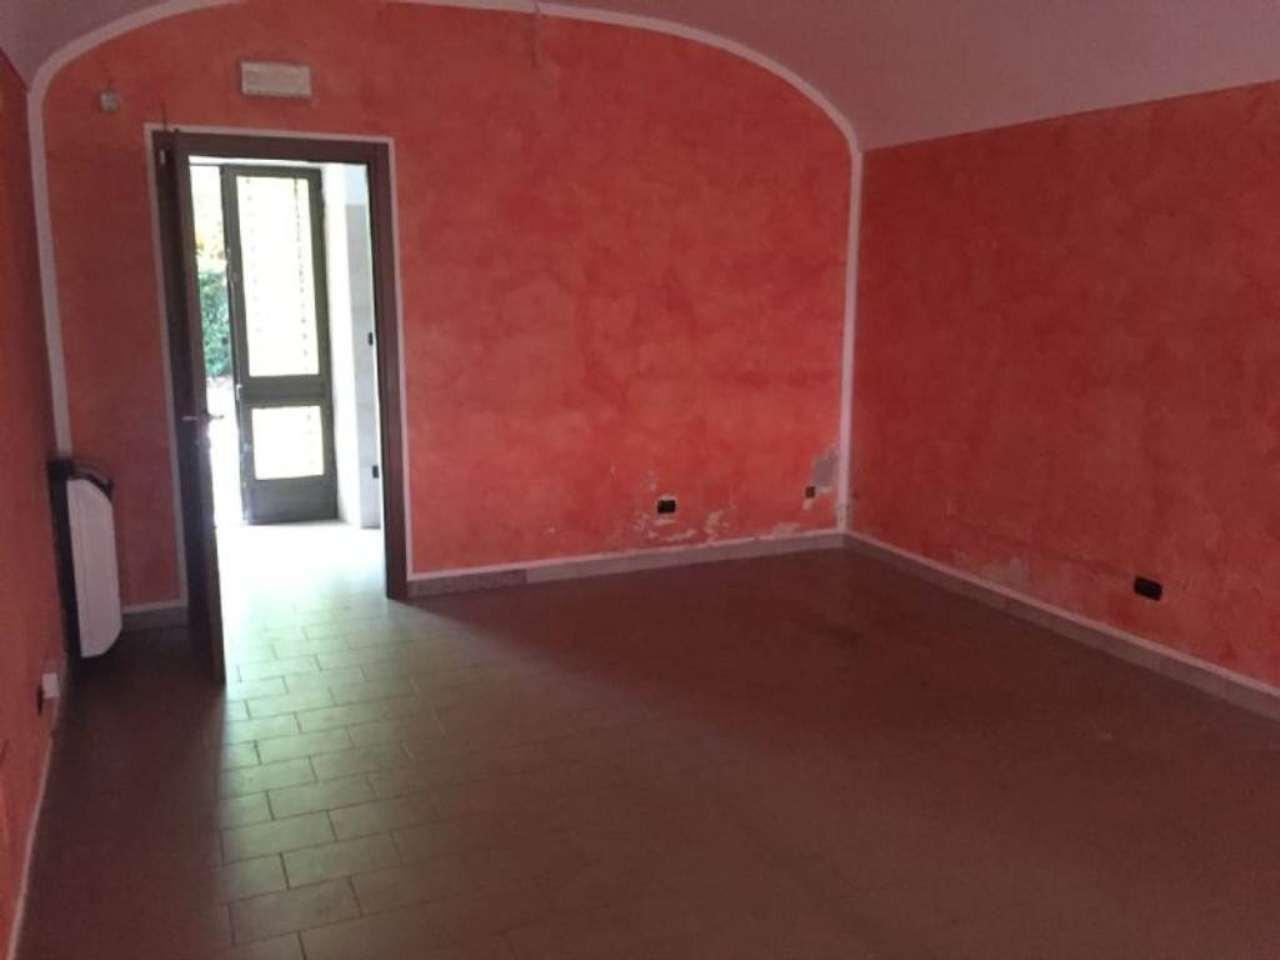 Negozio / Locale in affitto a Buttigliera Alta, 1 locali, prezzo € 450 | CambioCasa.it